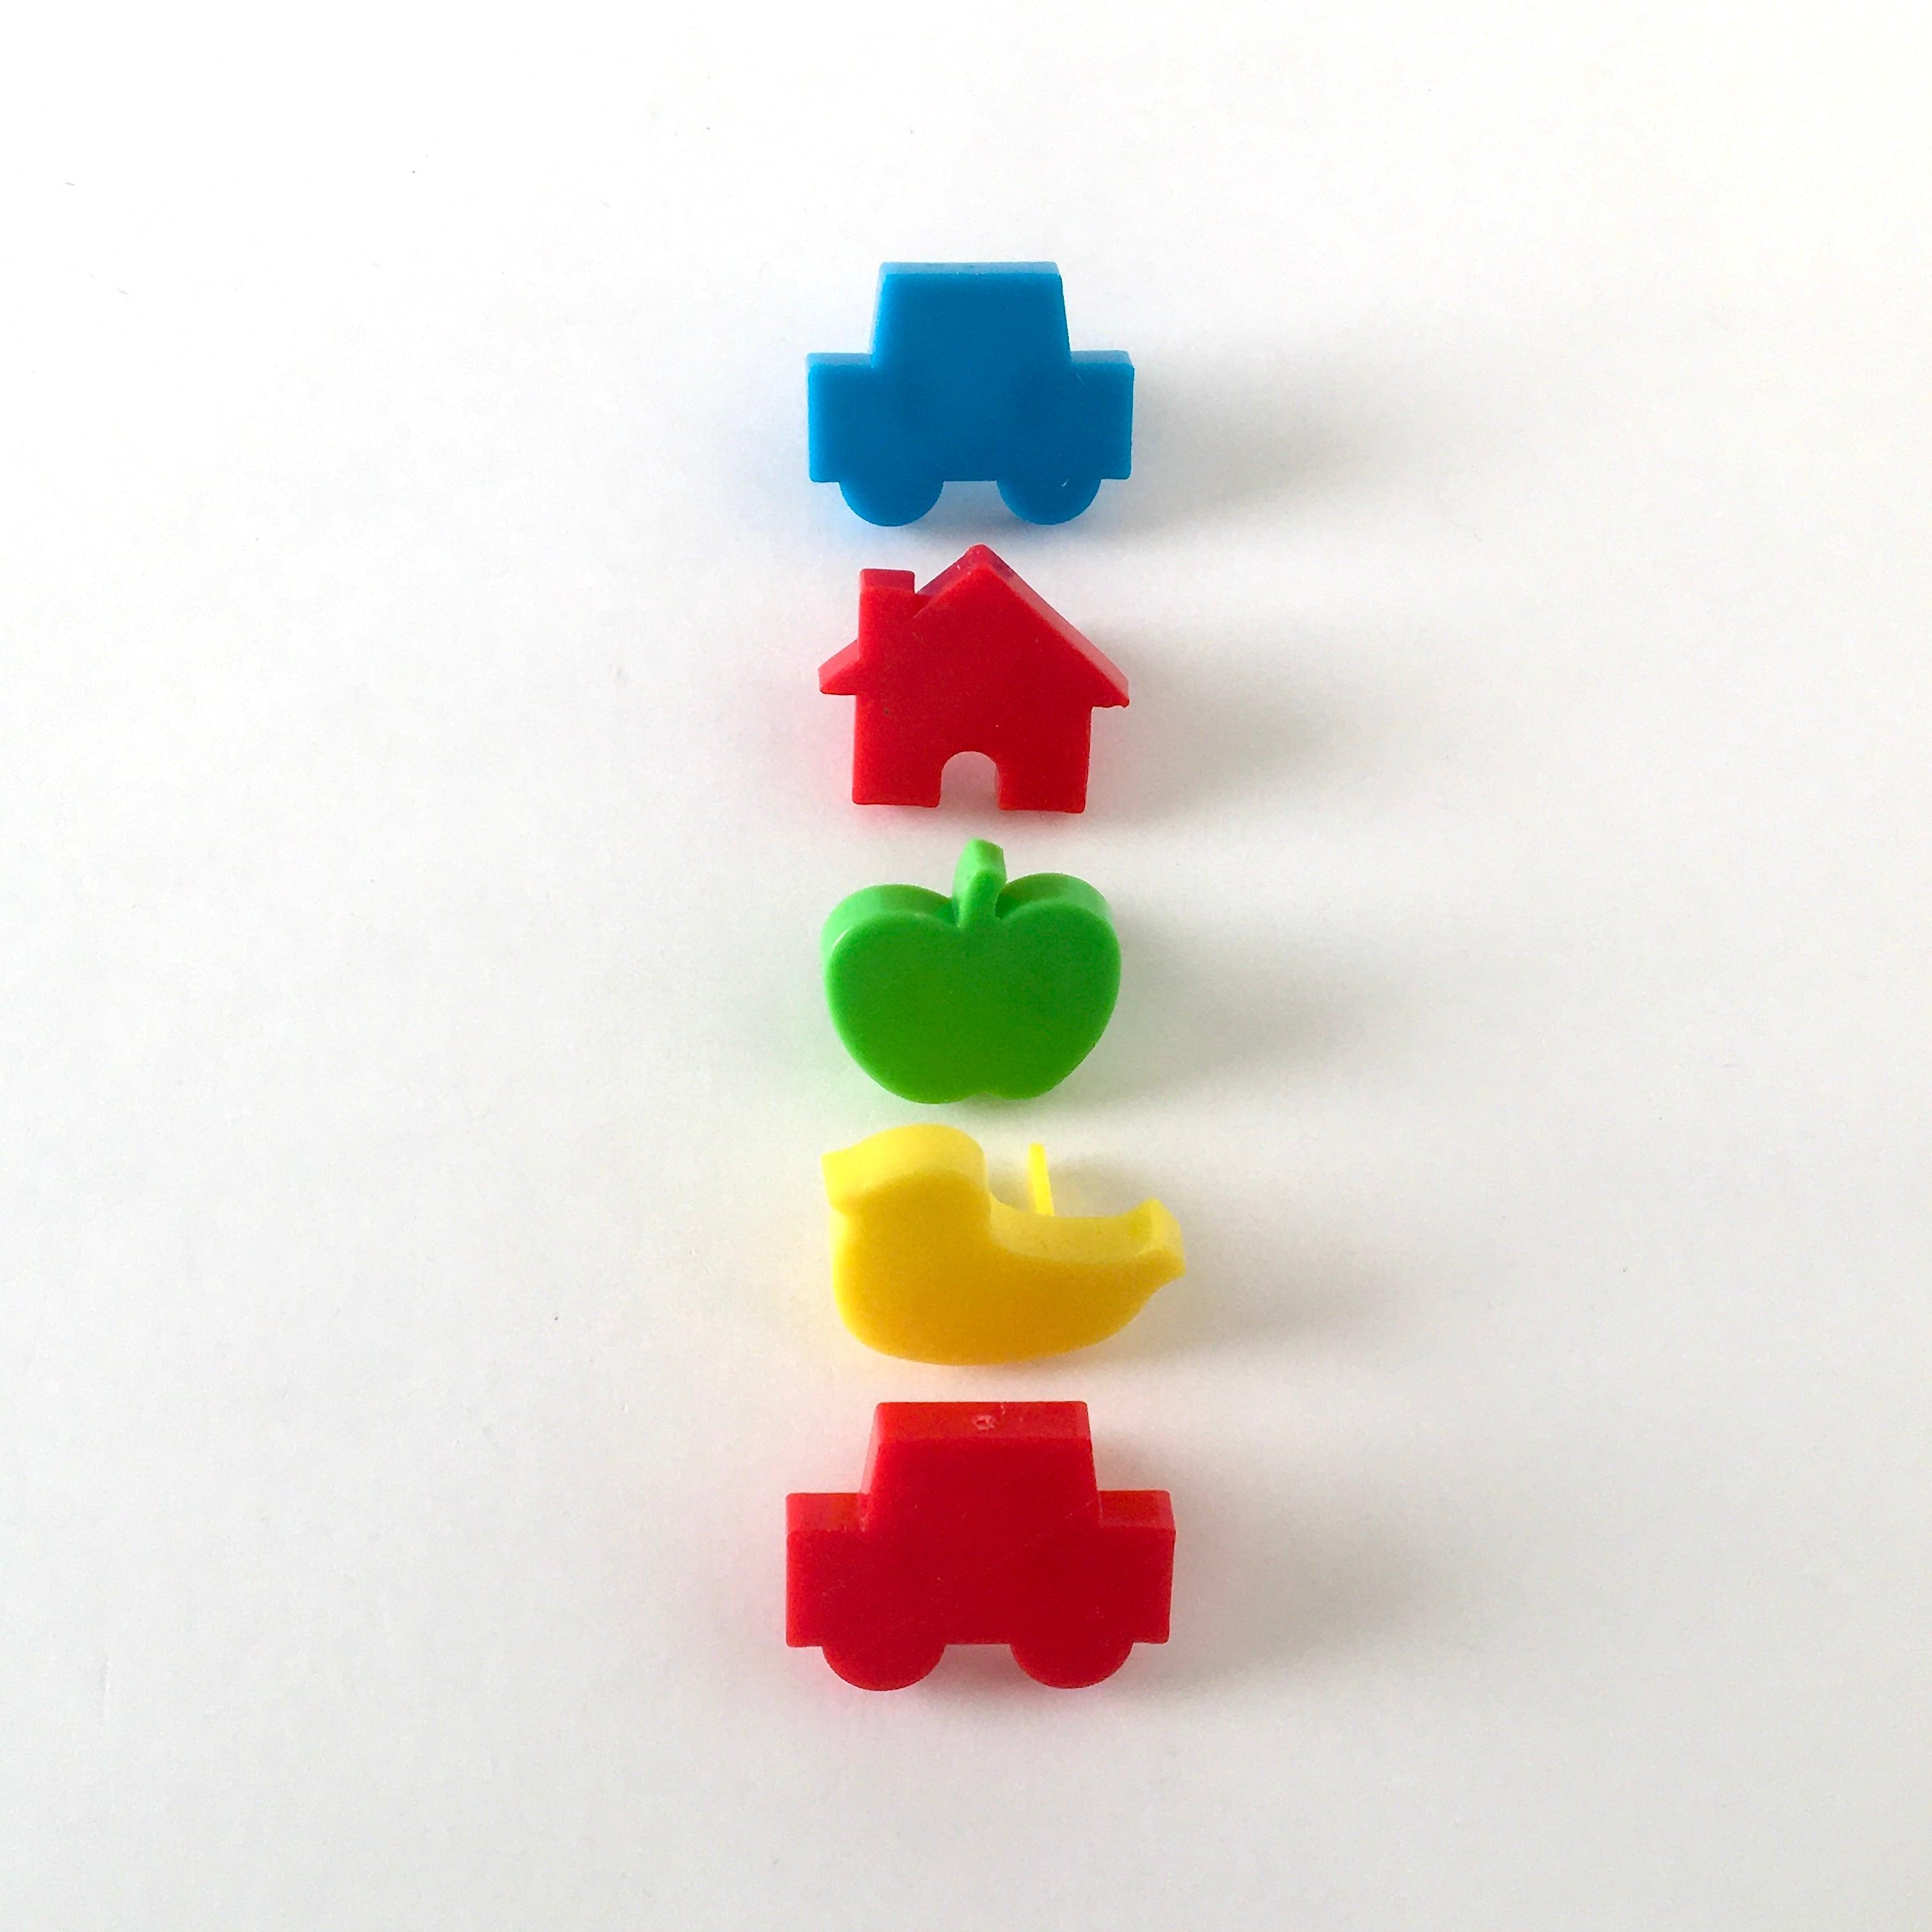 コンセントカバー 5個セット|Plug guard Set of 5